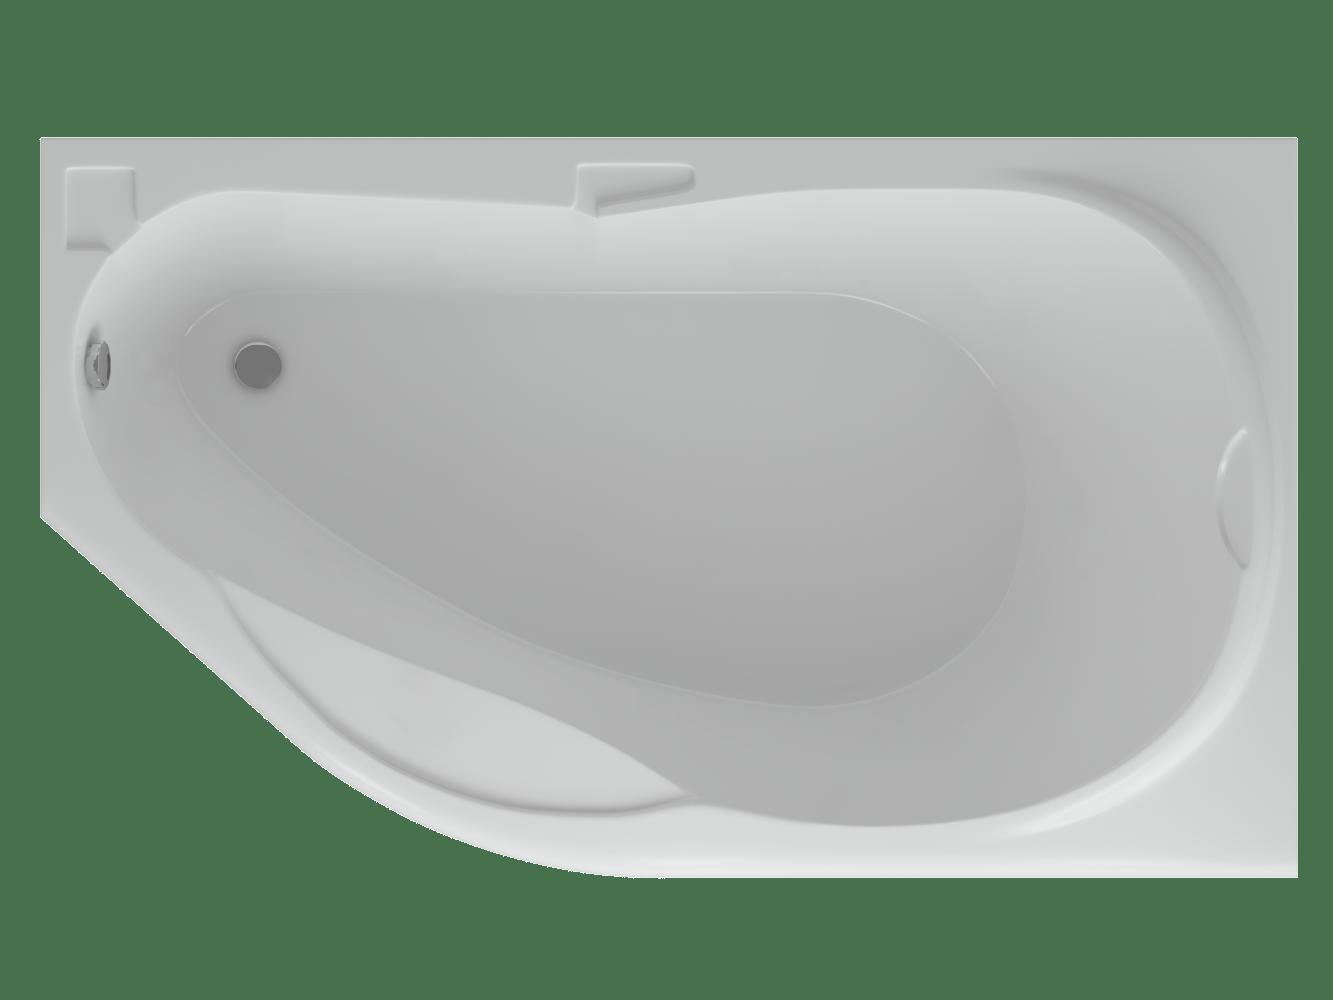 Акриловая ванна Акватек Таурус 170х100 см левая/правая